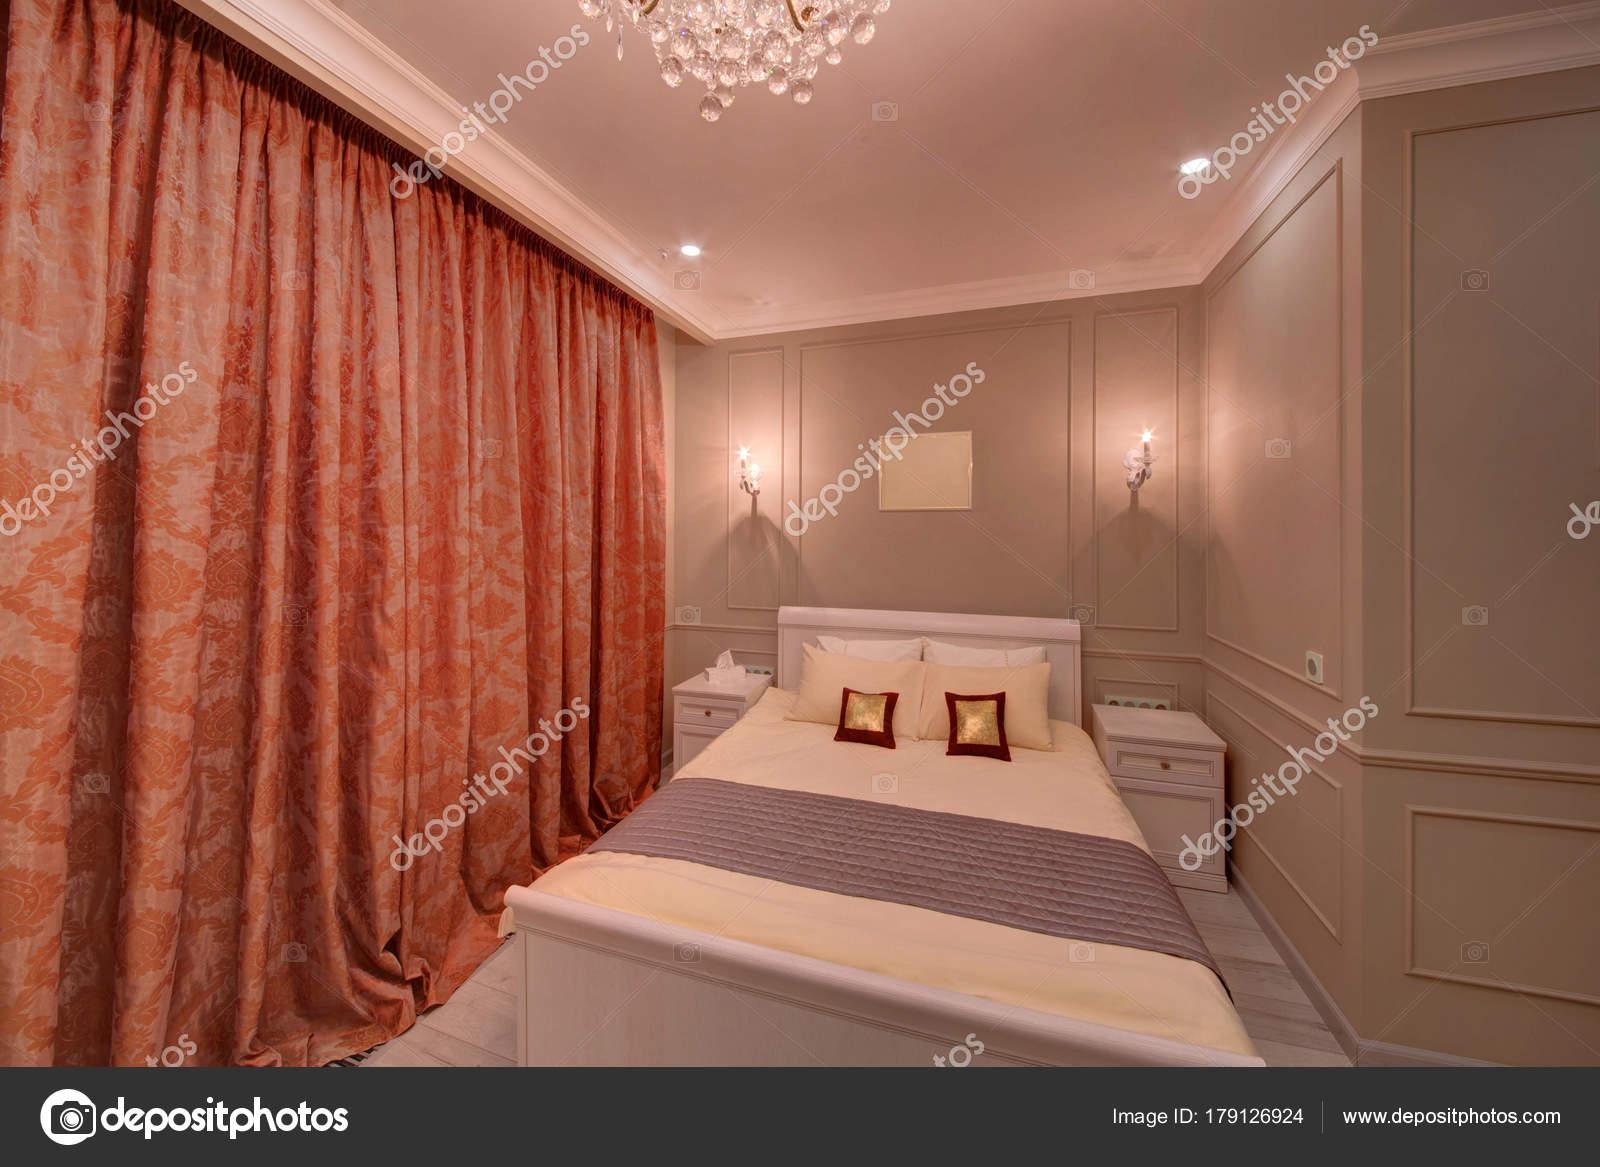 schlafzimmer beige wand gebrauchte lattenroste arabisches schlafzimmer tapeten r ckwand vito. Black Bedroom Furniture Sets. Home Design Ideas